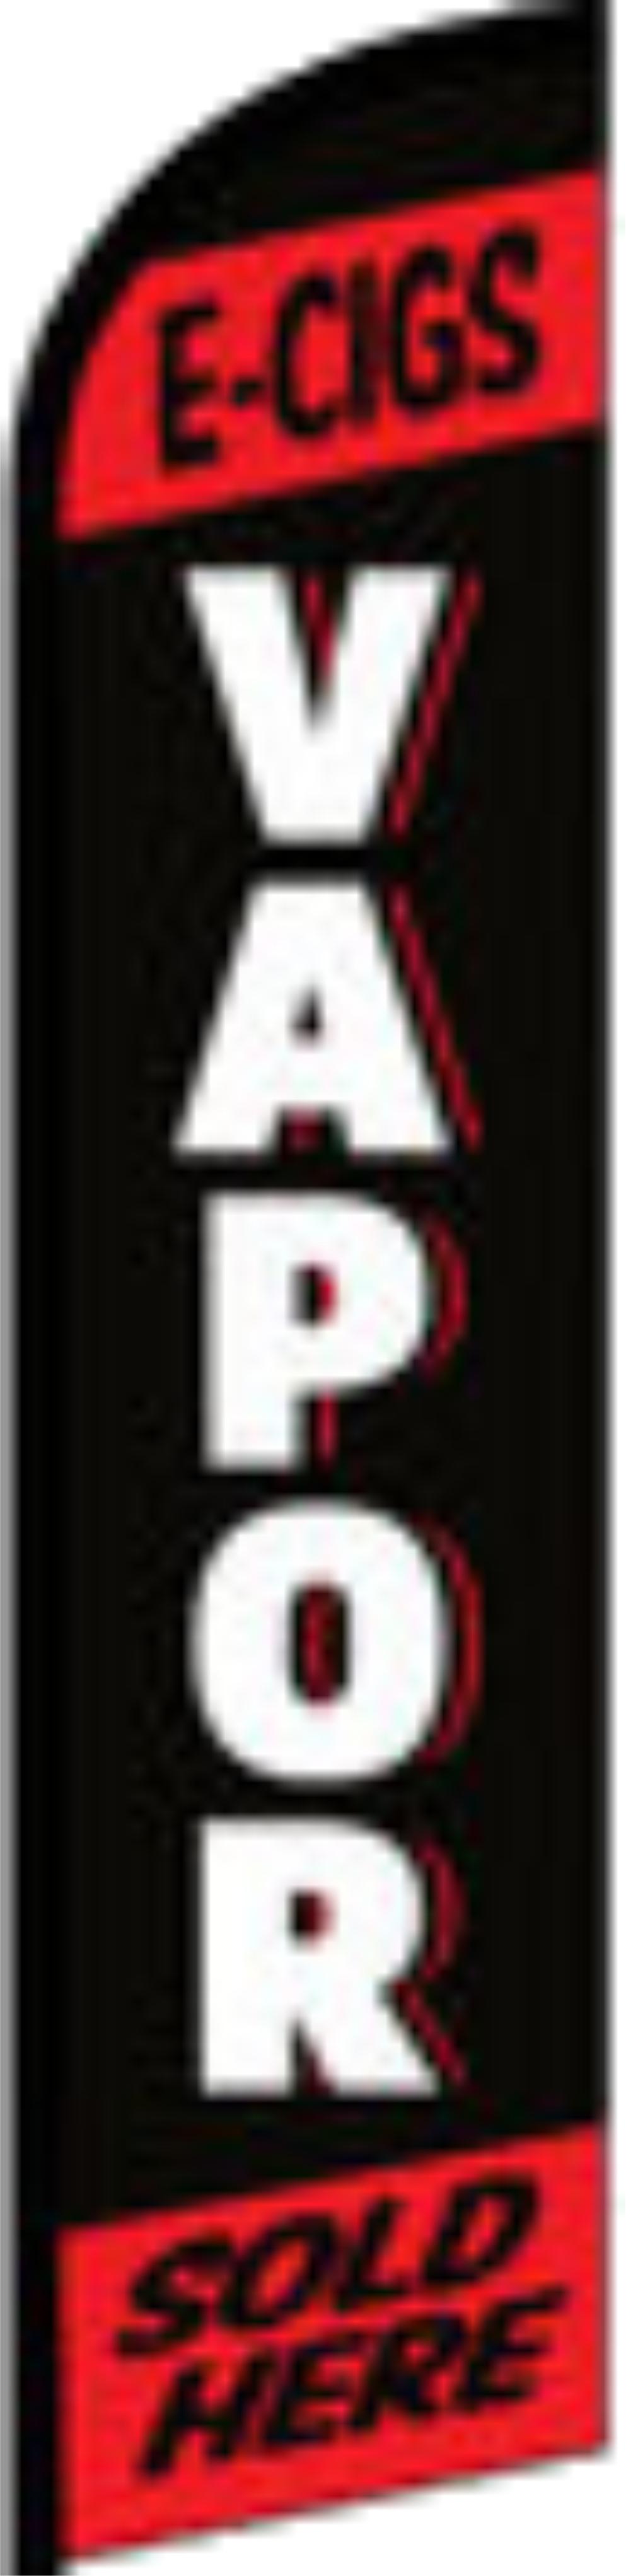 Vapor Red Black Advertising Windless Banner Flag The